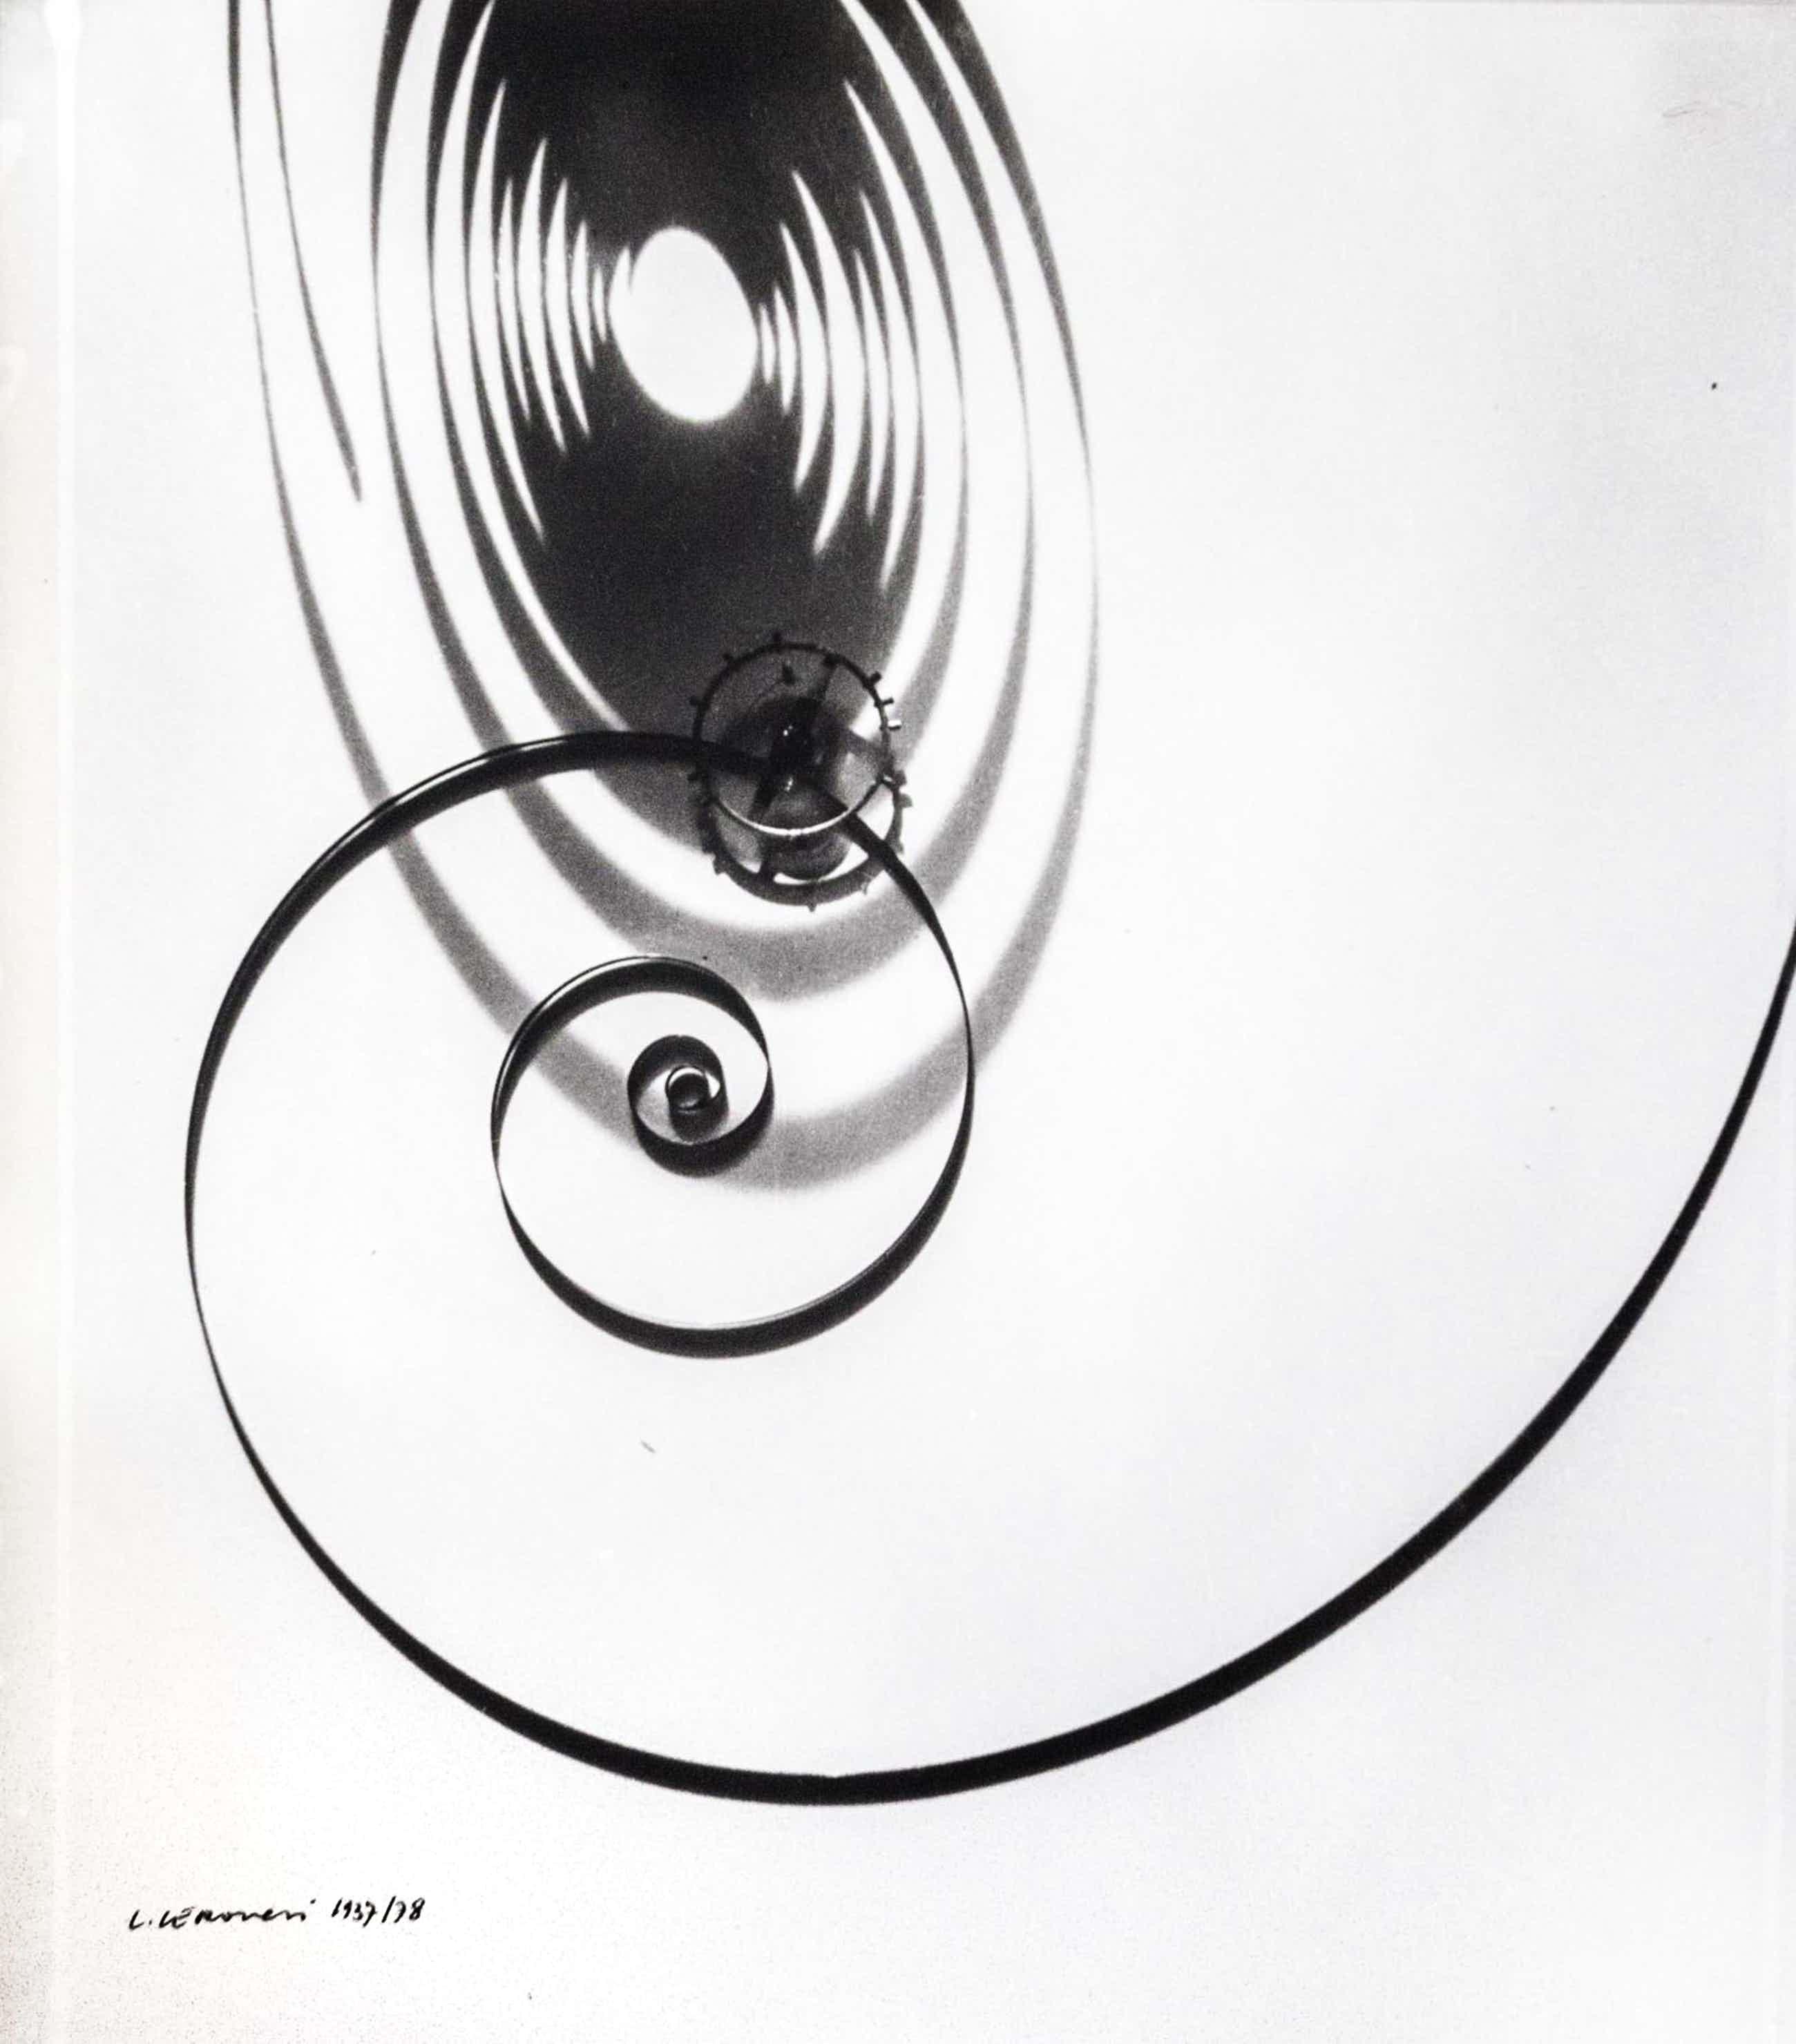 Luigi Veronesi - Fotogramm / Photogram kopen? Bied vanaf 400!